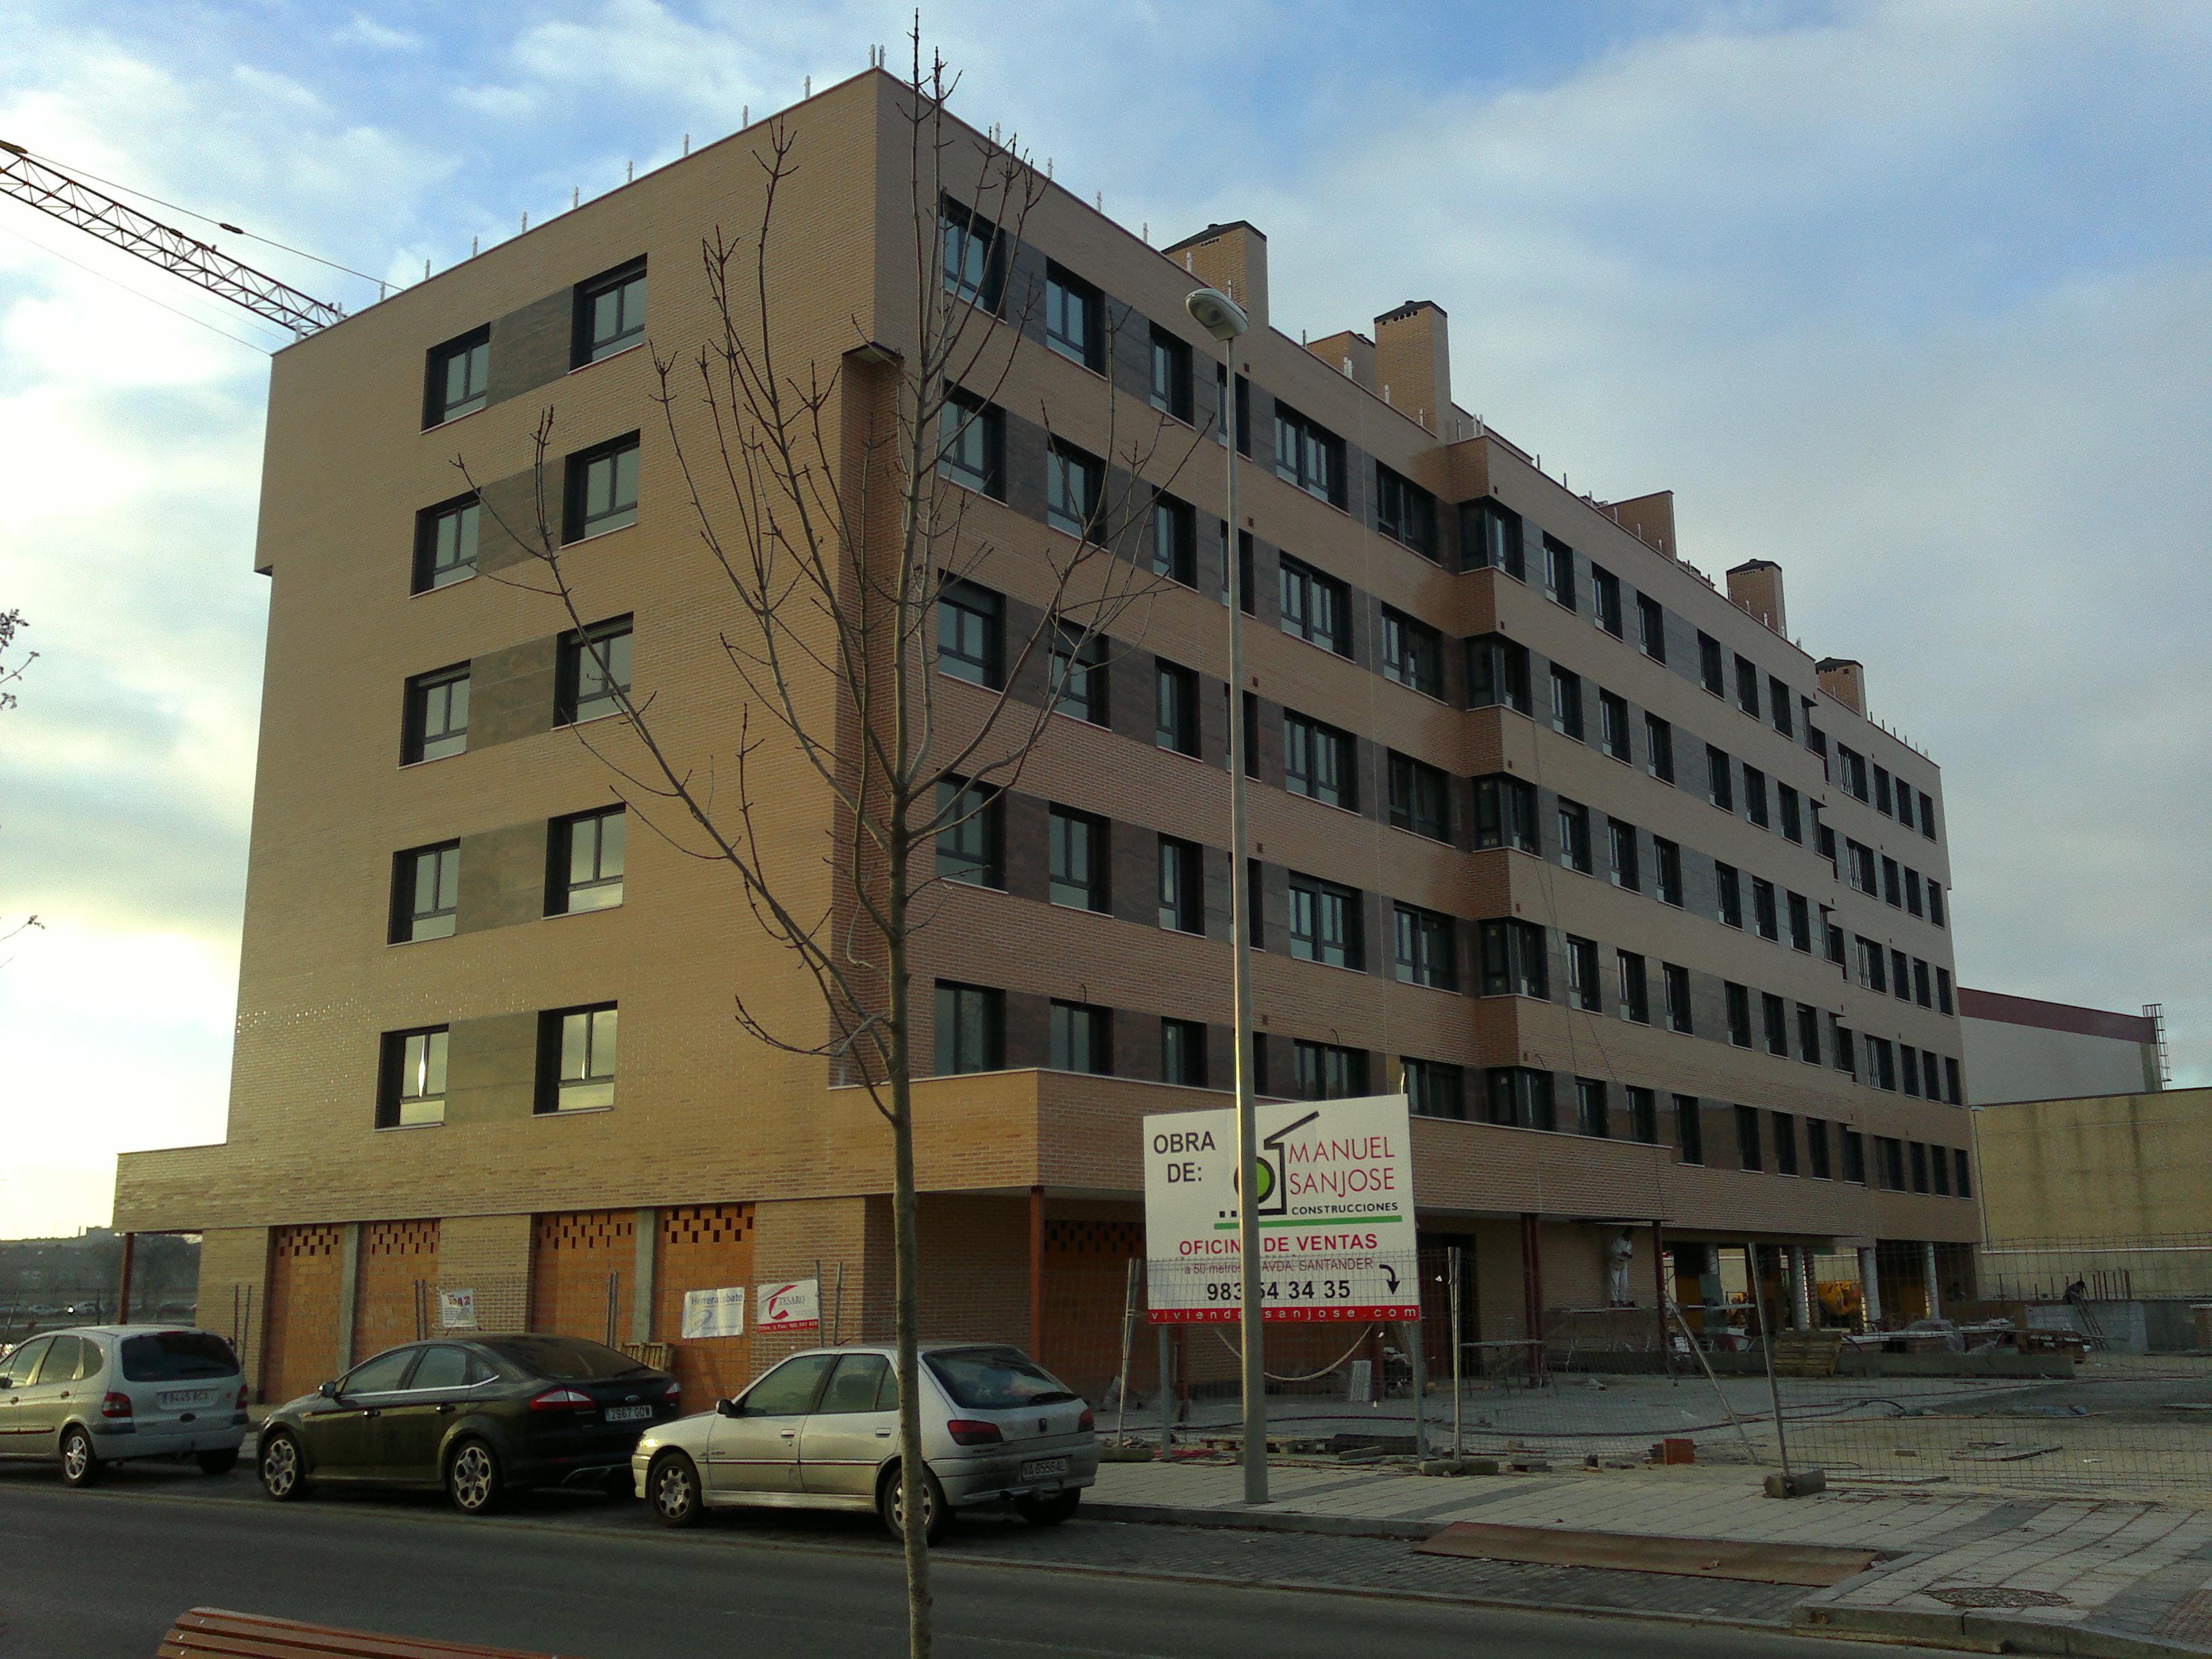 Obra en valladolid 42 viviendas en los viveros escalesa for Viveros valladolid